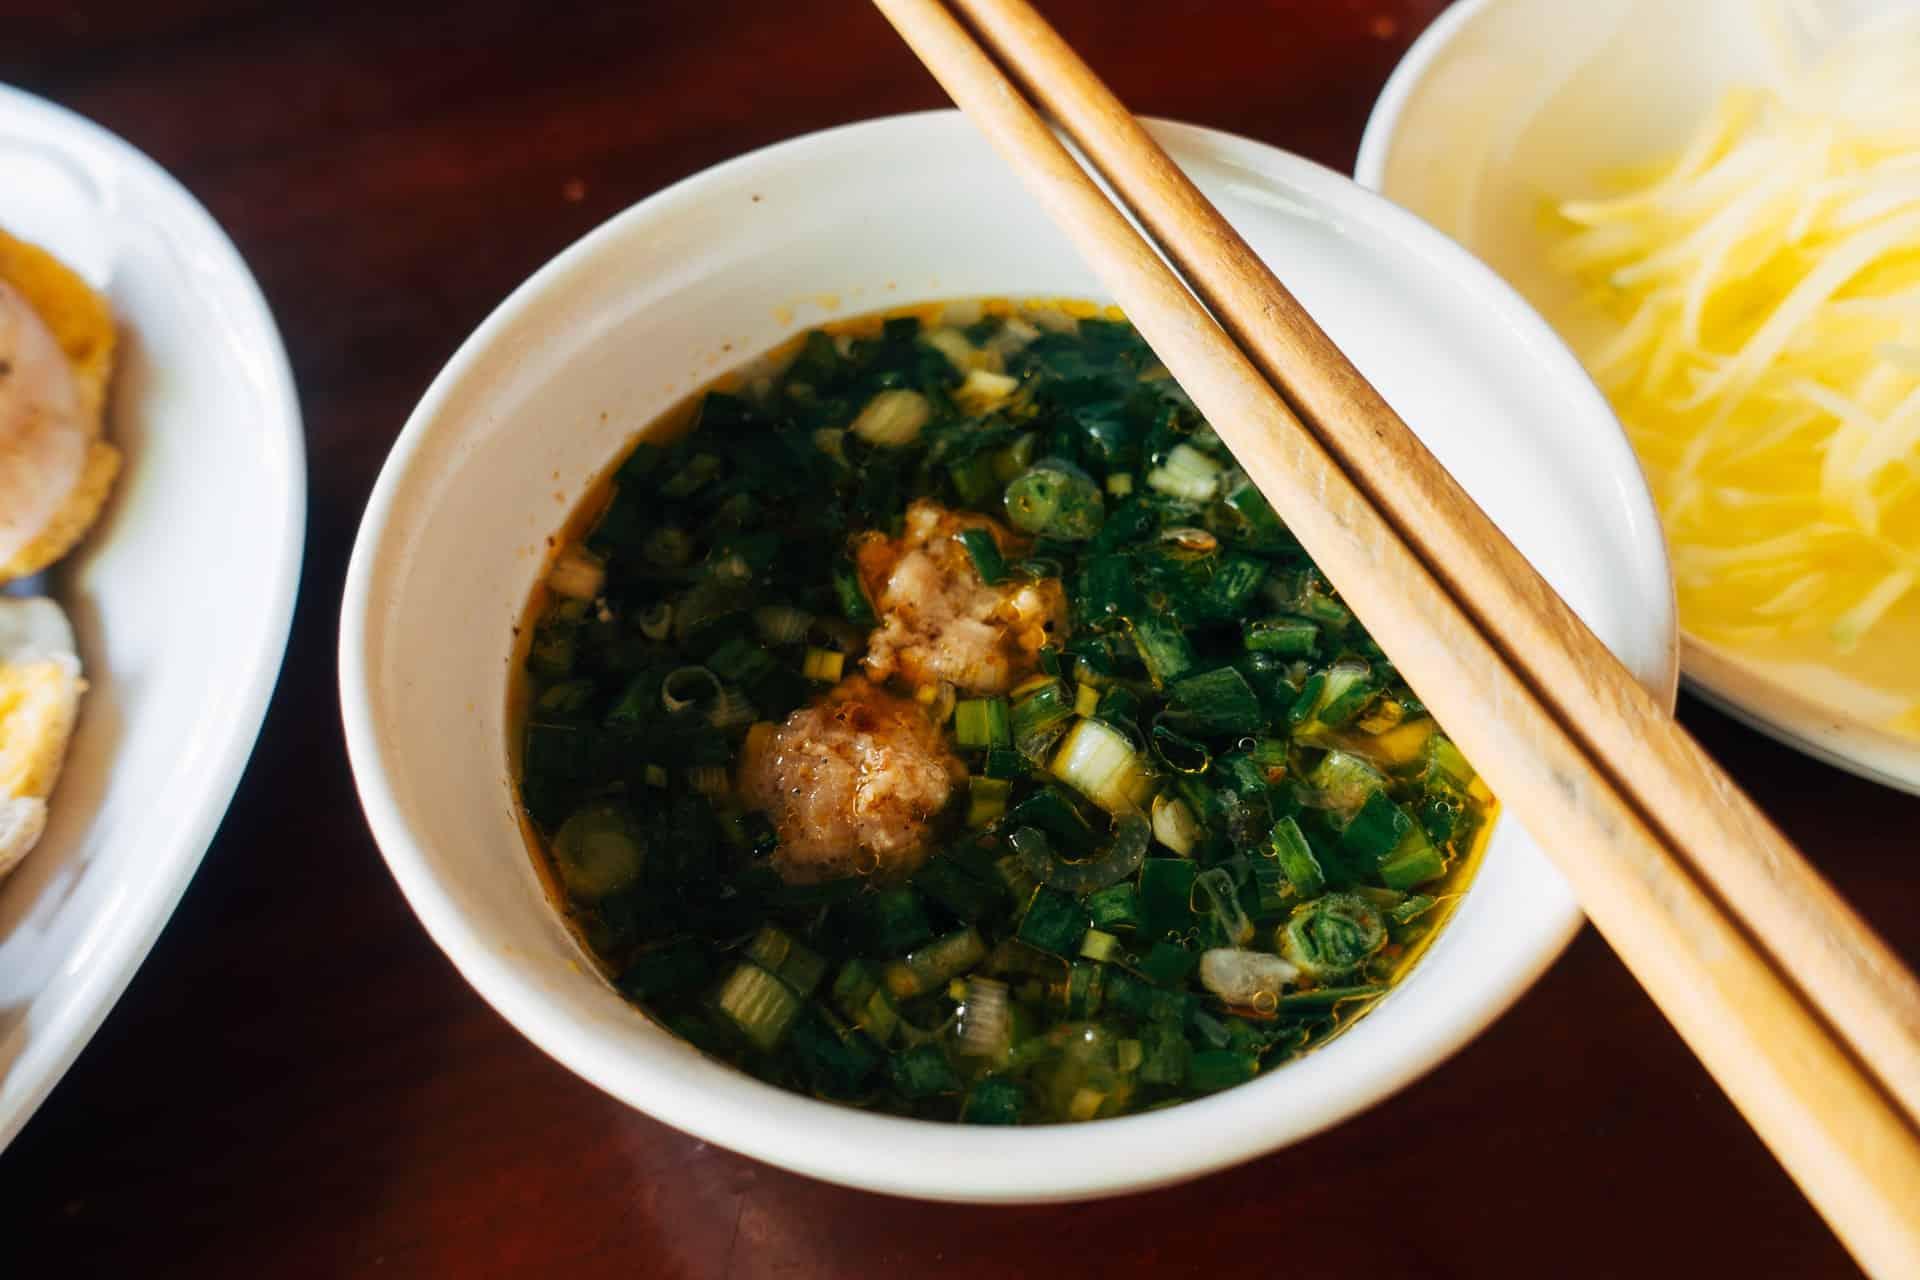 Die asiatische Küche ist so vielfältig wie die Länder in der Region